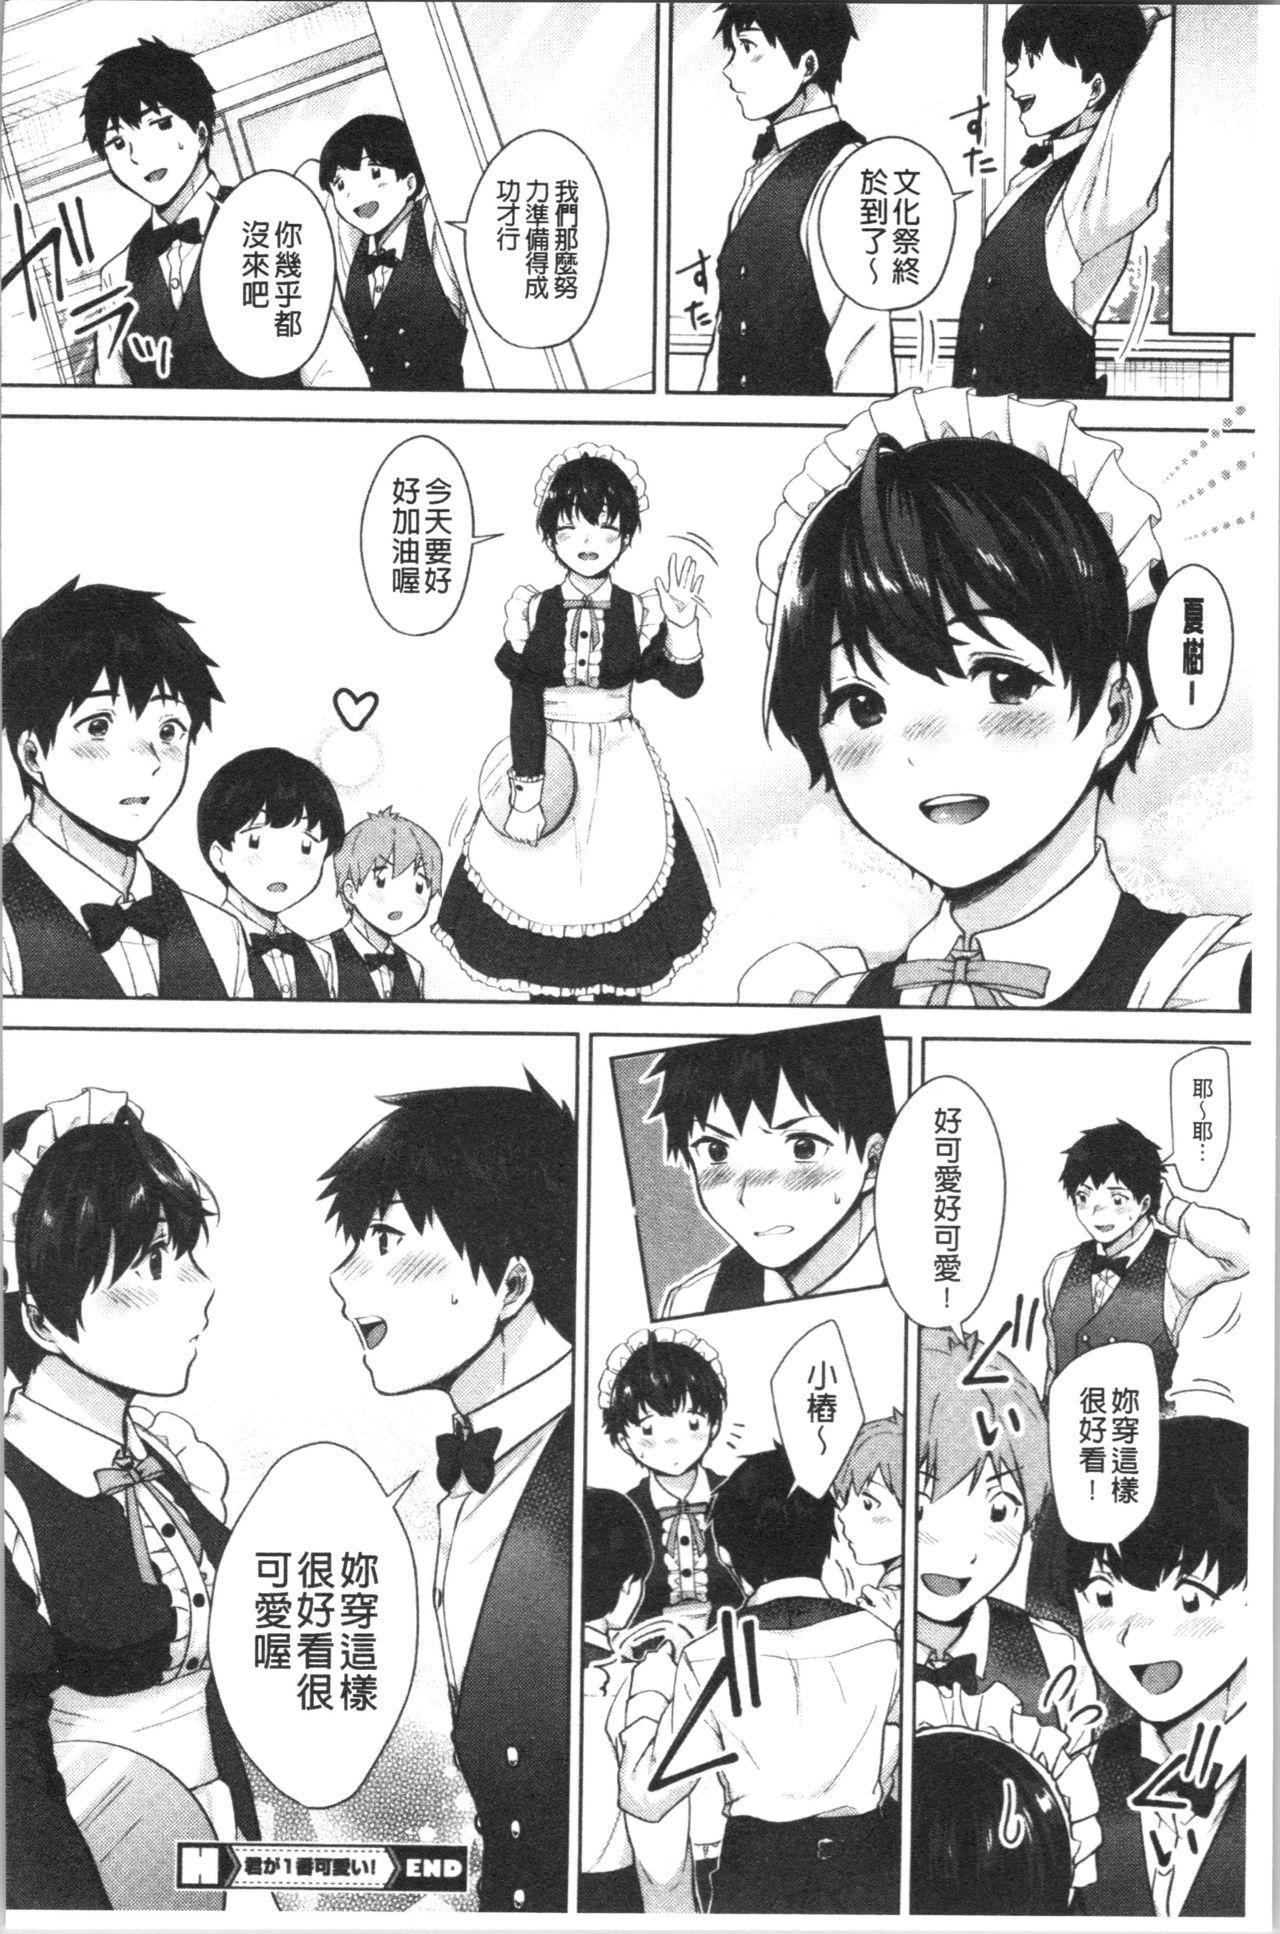 #Echi Echi Joshi to Tsunagaritai | #好色淫蕩女子想和她搞一下 158